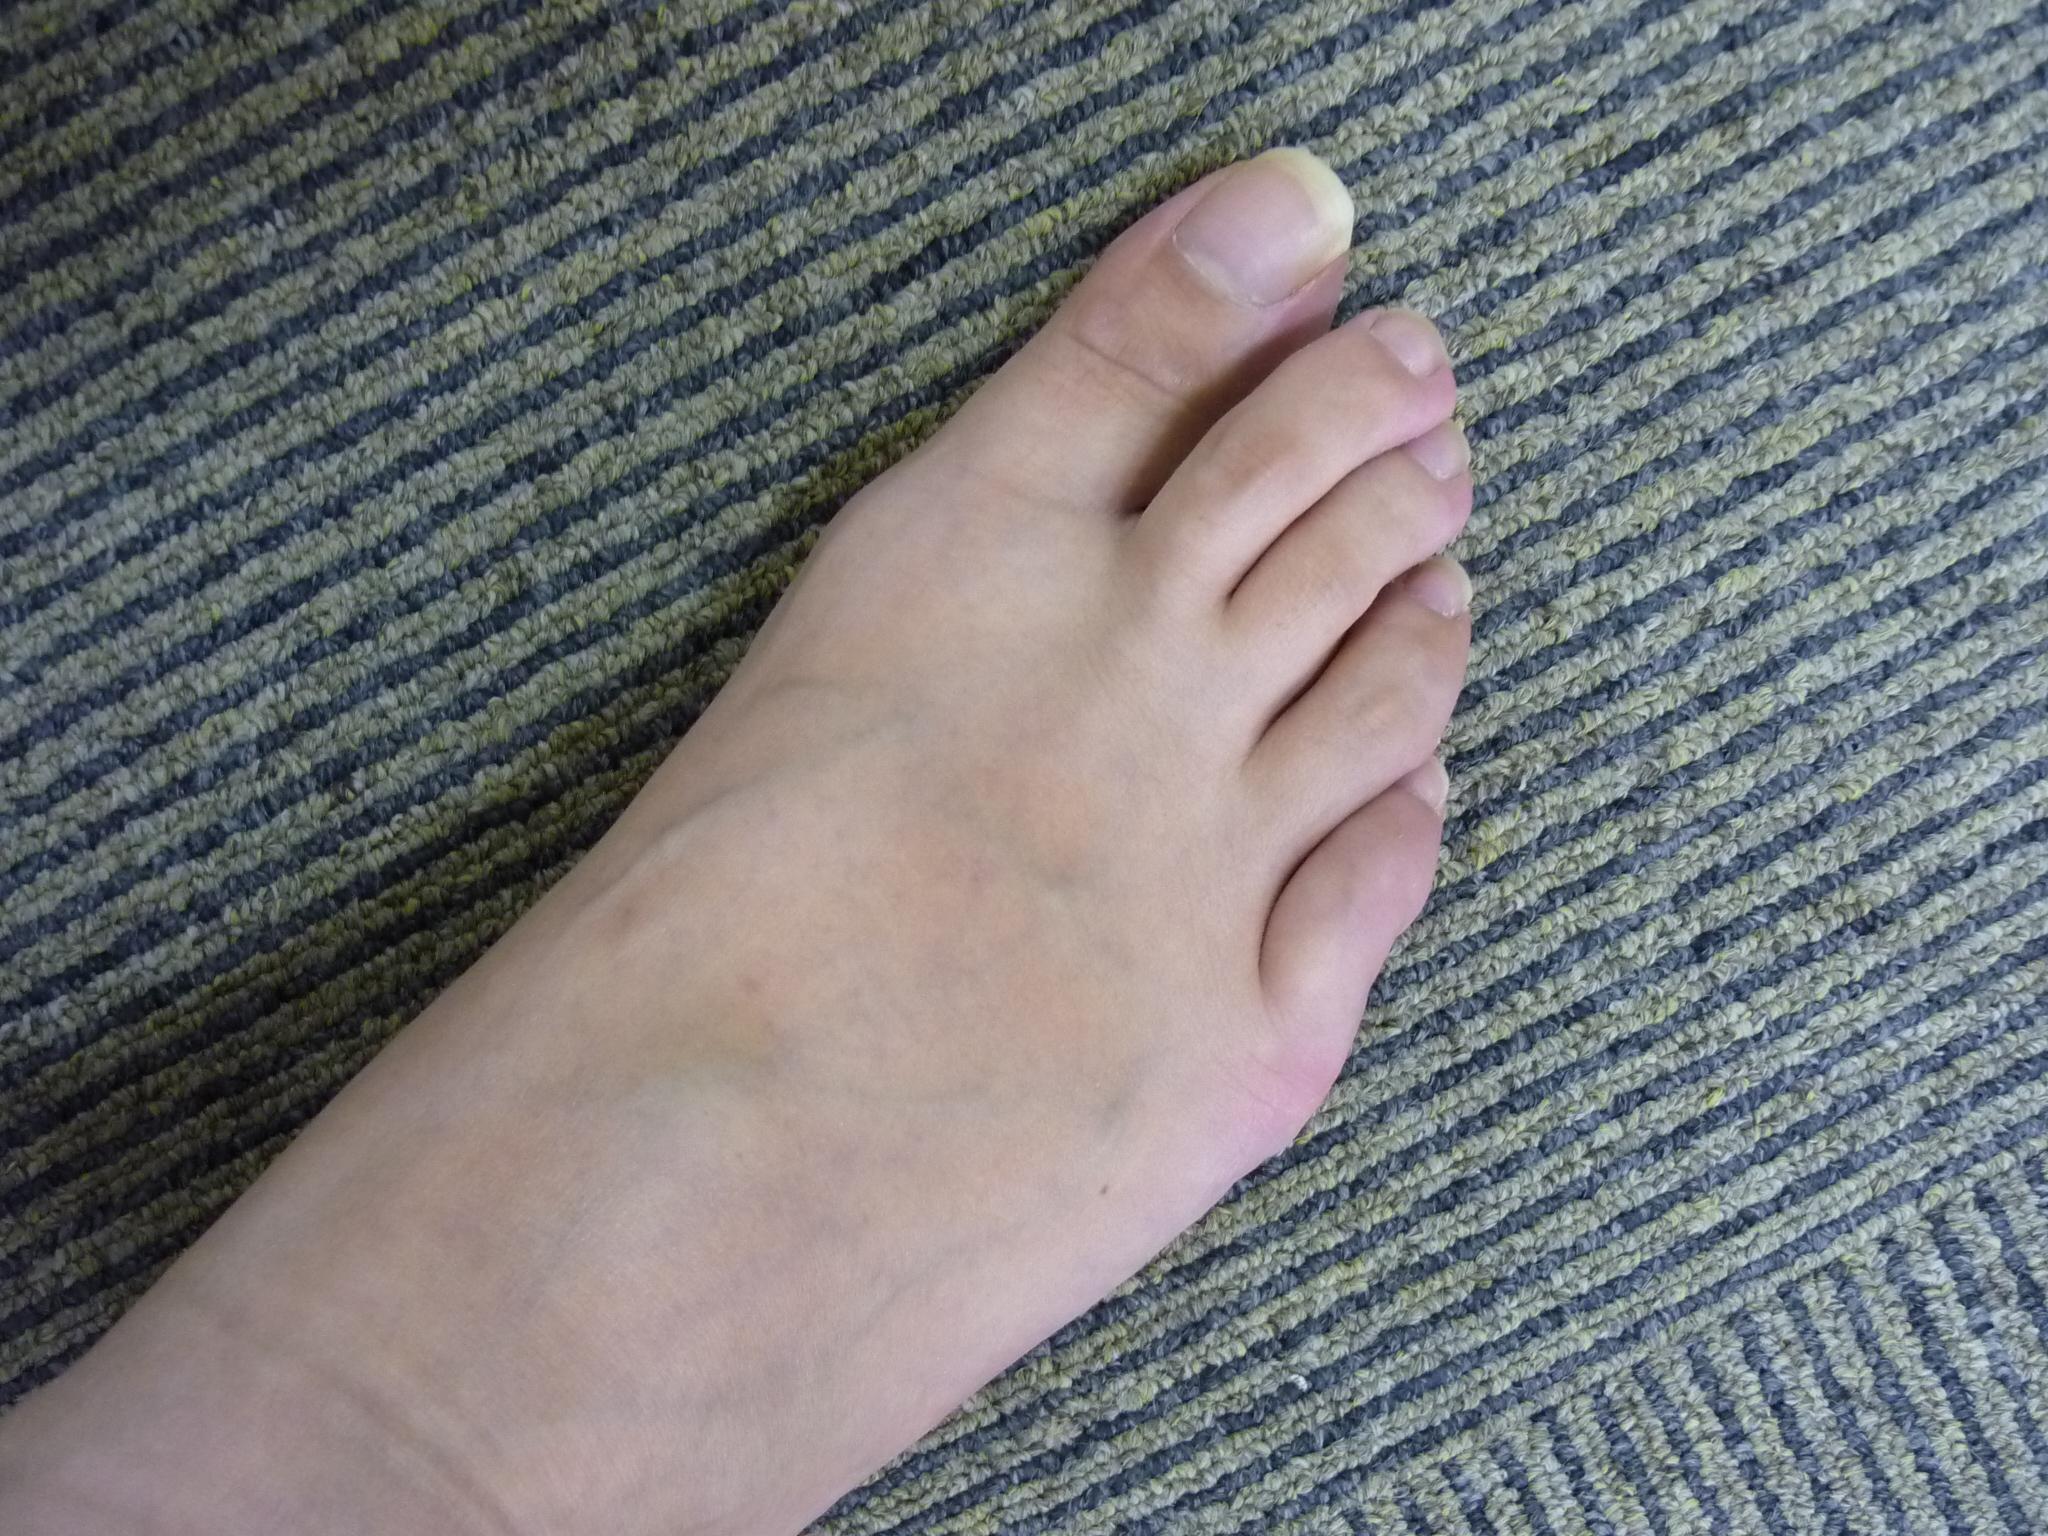 ブーツを脱ぐと異臭騒ぎ!?愛猫も逃げ出すほど足がクサイ私が人前でブーツを脱げたその理由とは!